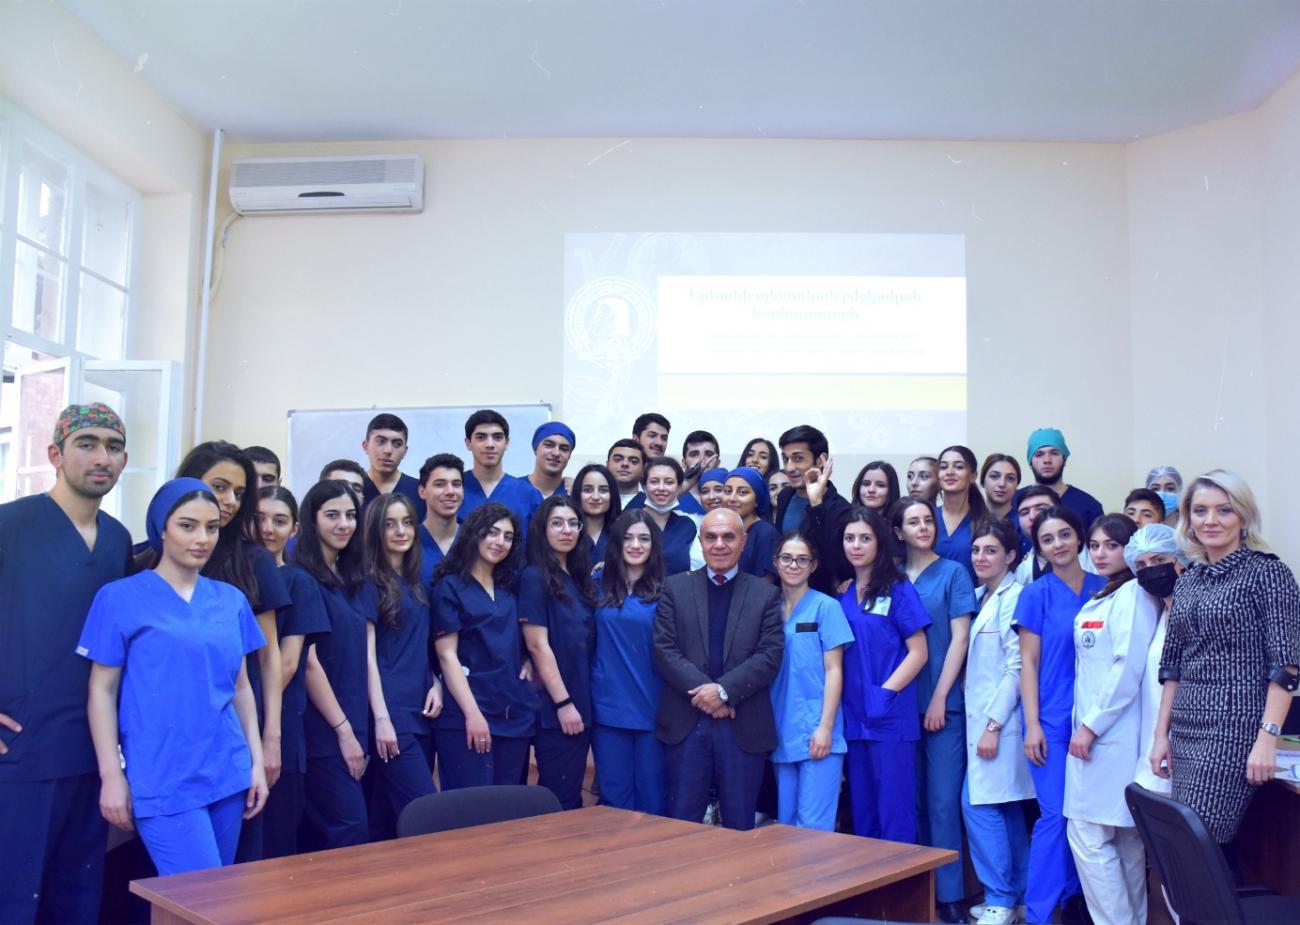 Գիտական հրավառություն տեղագրական անատոմիայի և օպերատիվ վիրաբուժության ակումբում